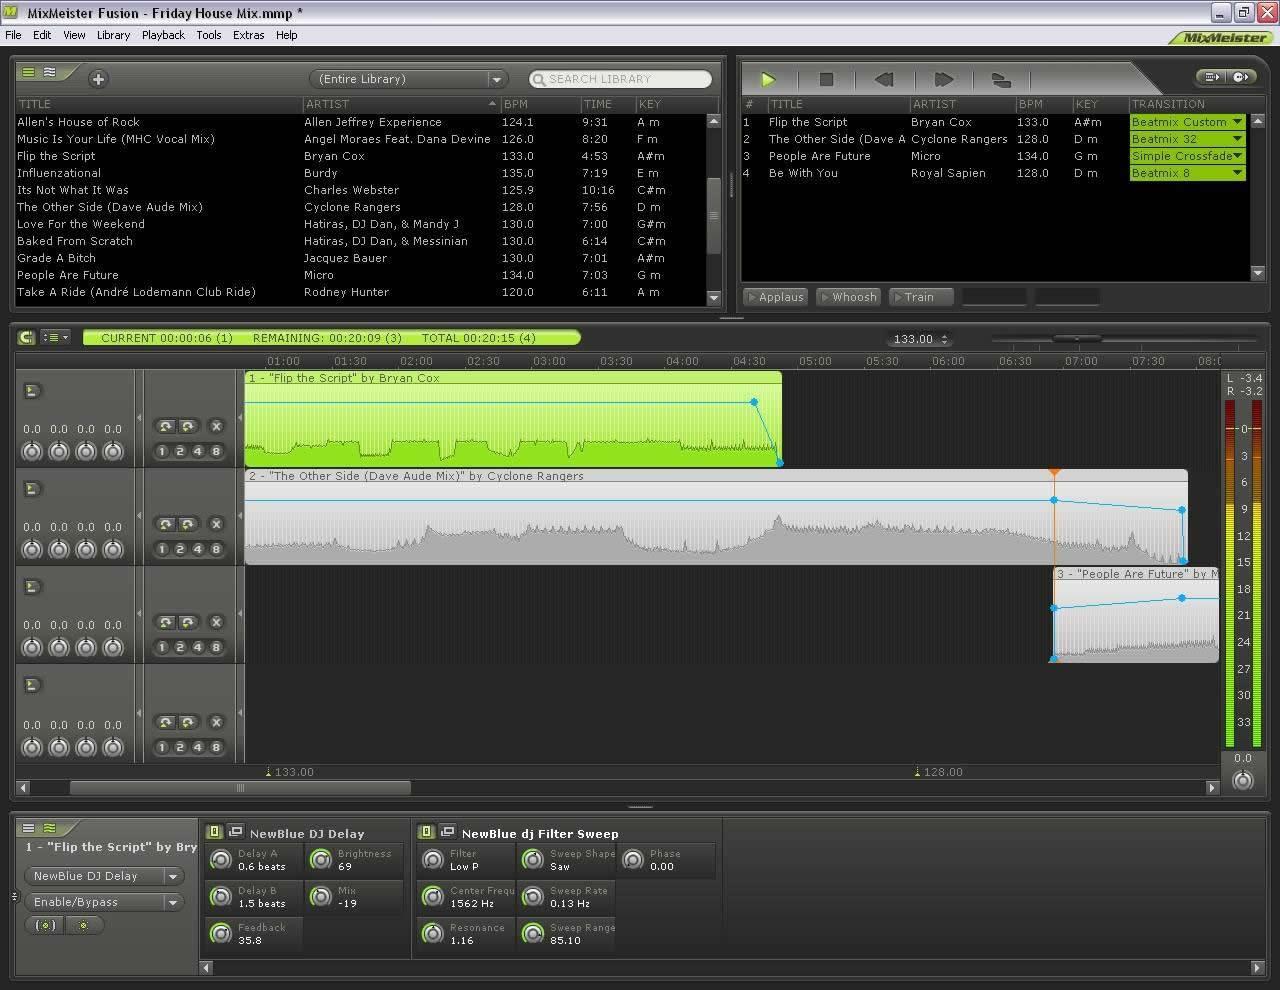 MixMeister Studio / Fusion